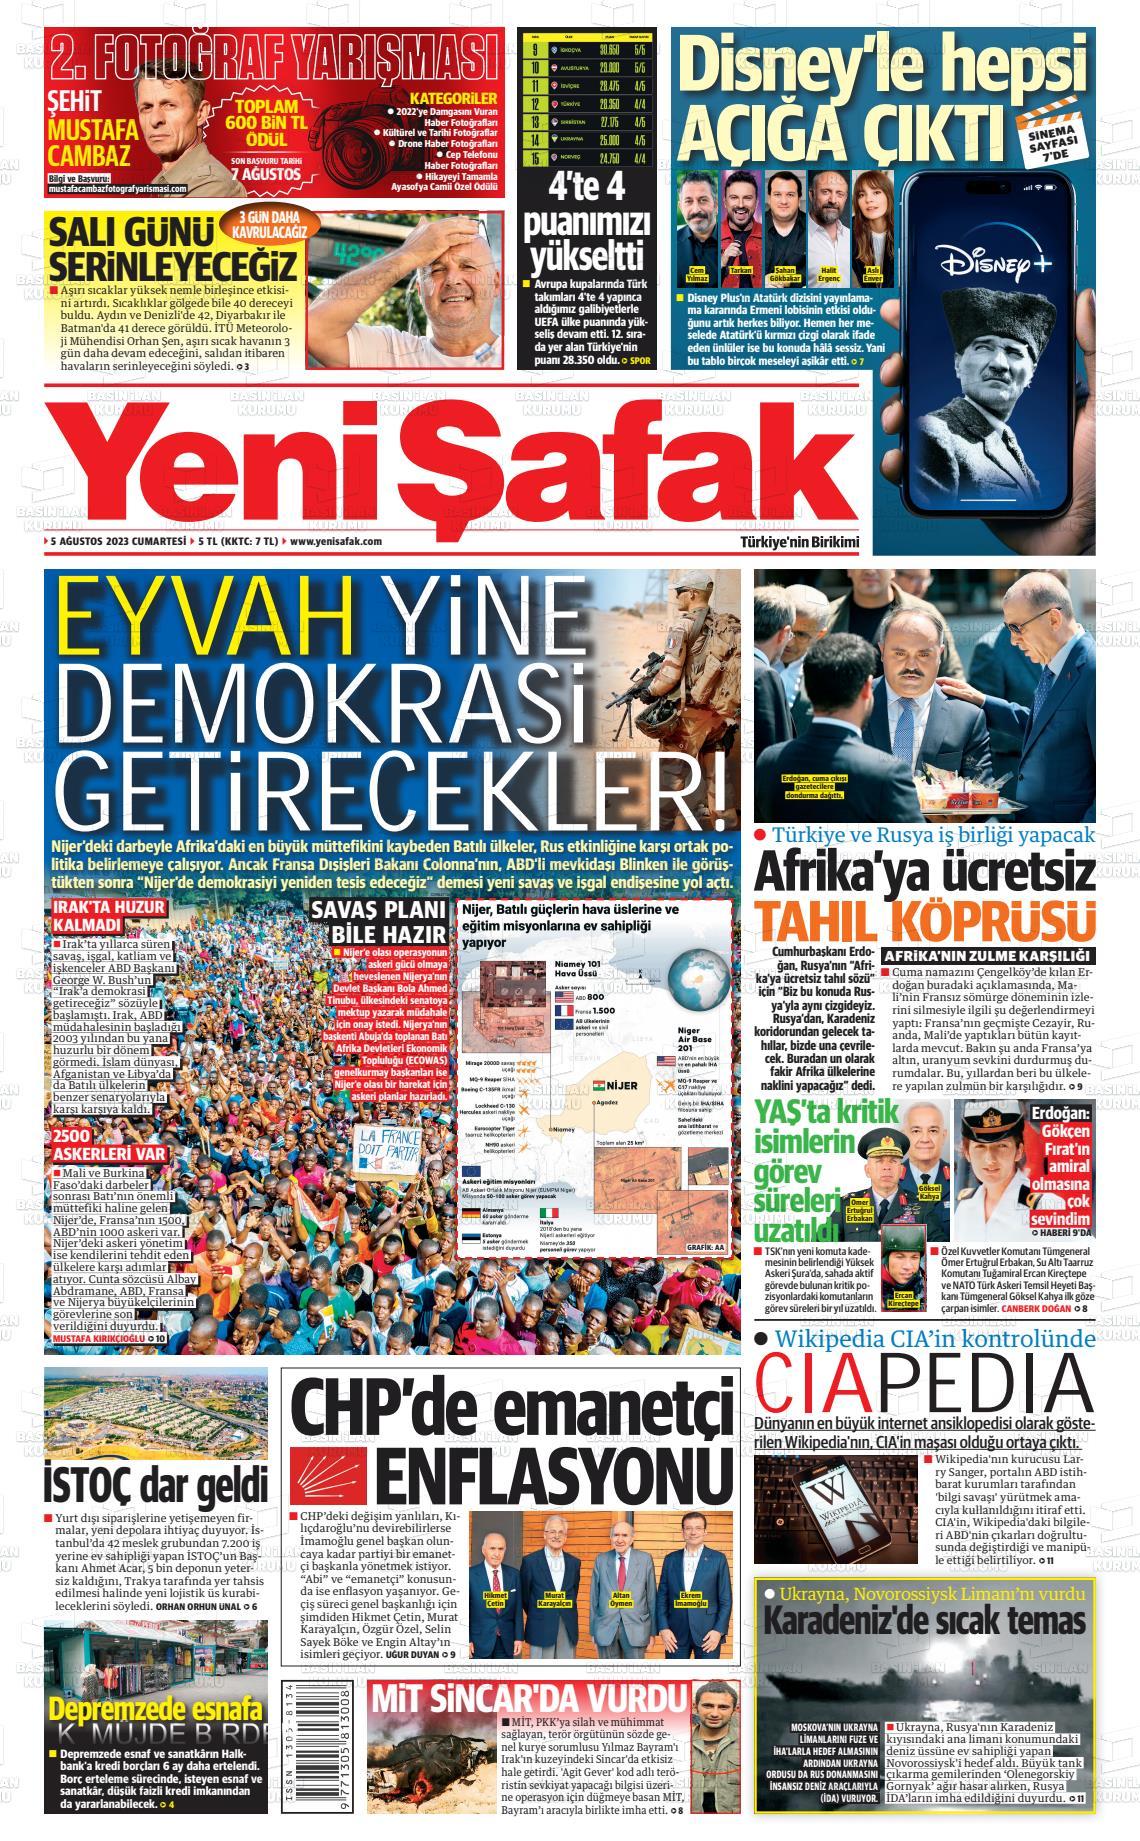 12 Ağustos 2020, Çarşamba yenisafak Gazetesi